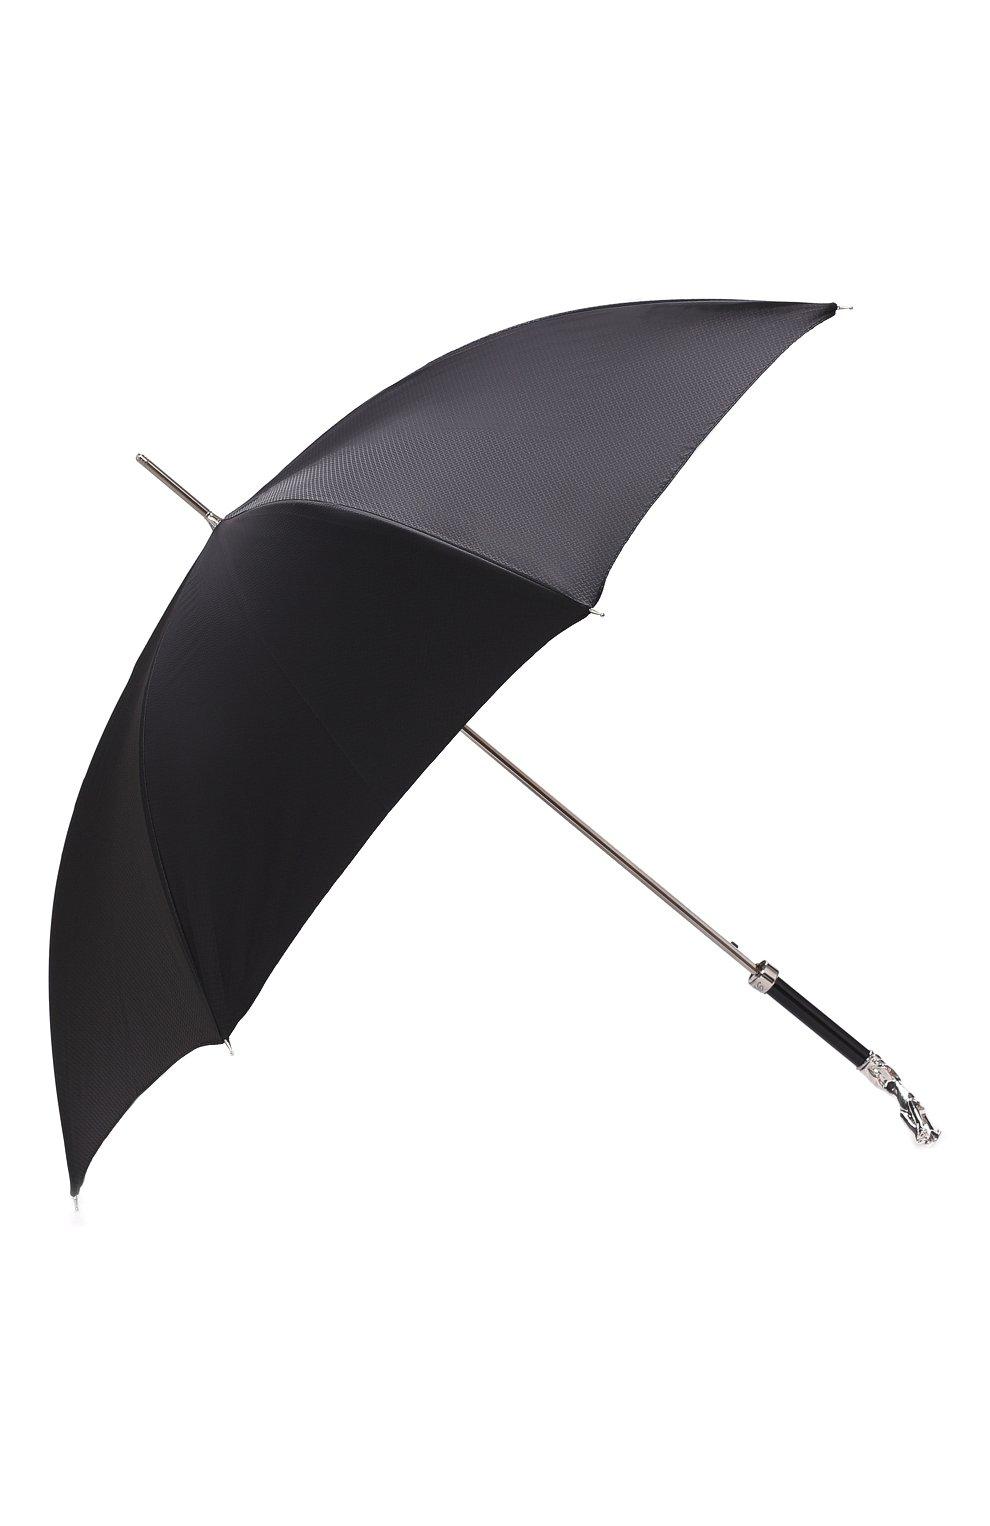 Мужской зонт-трость PASOTTI OMBRELLI черного цвета, арт. 478/SC0TLAND 50890/5/W10 | Фото 2 (Материал: Текстиль, Синтетический материал, Металл)